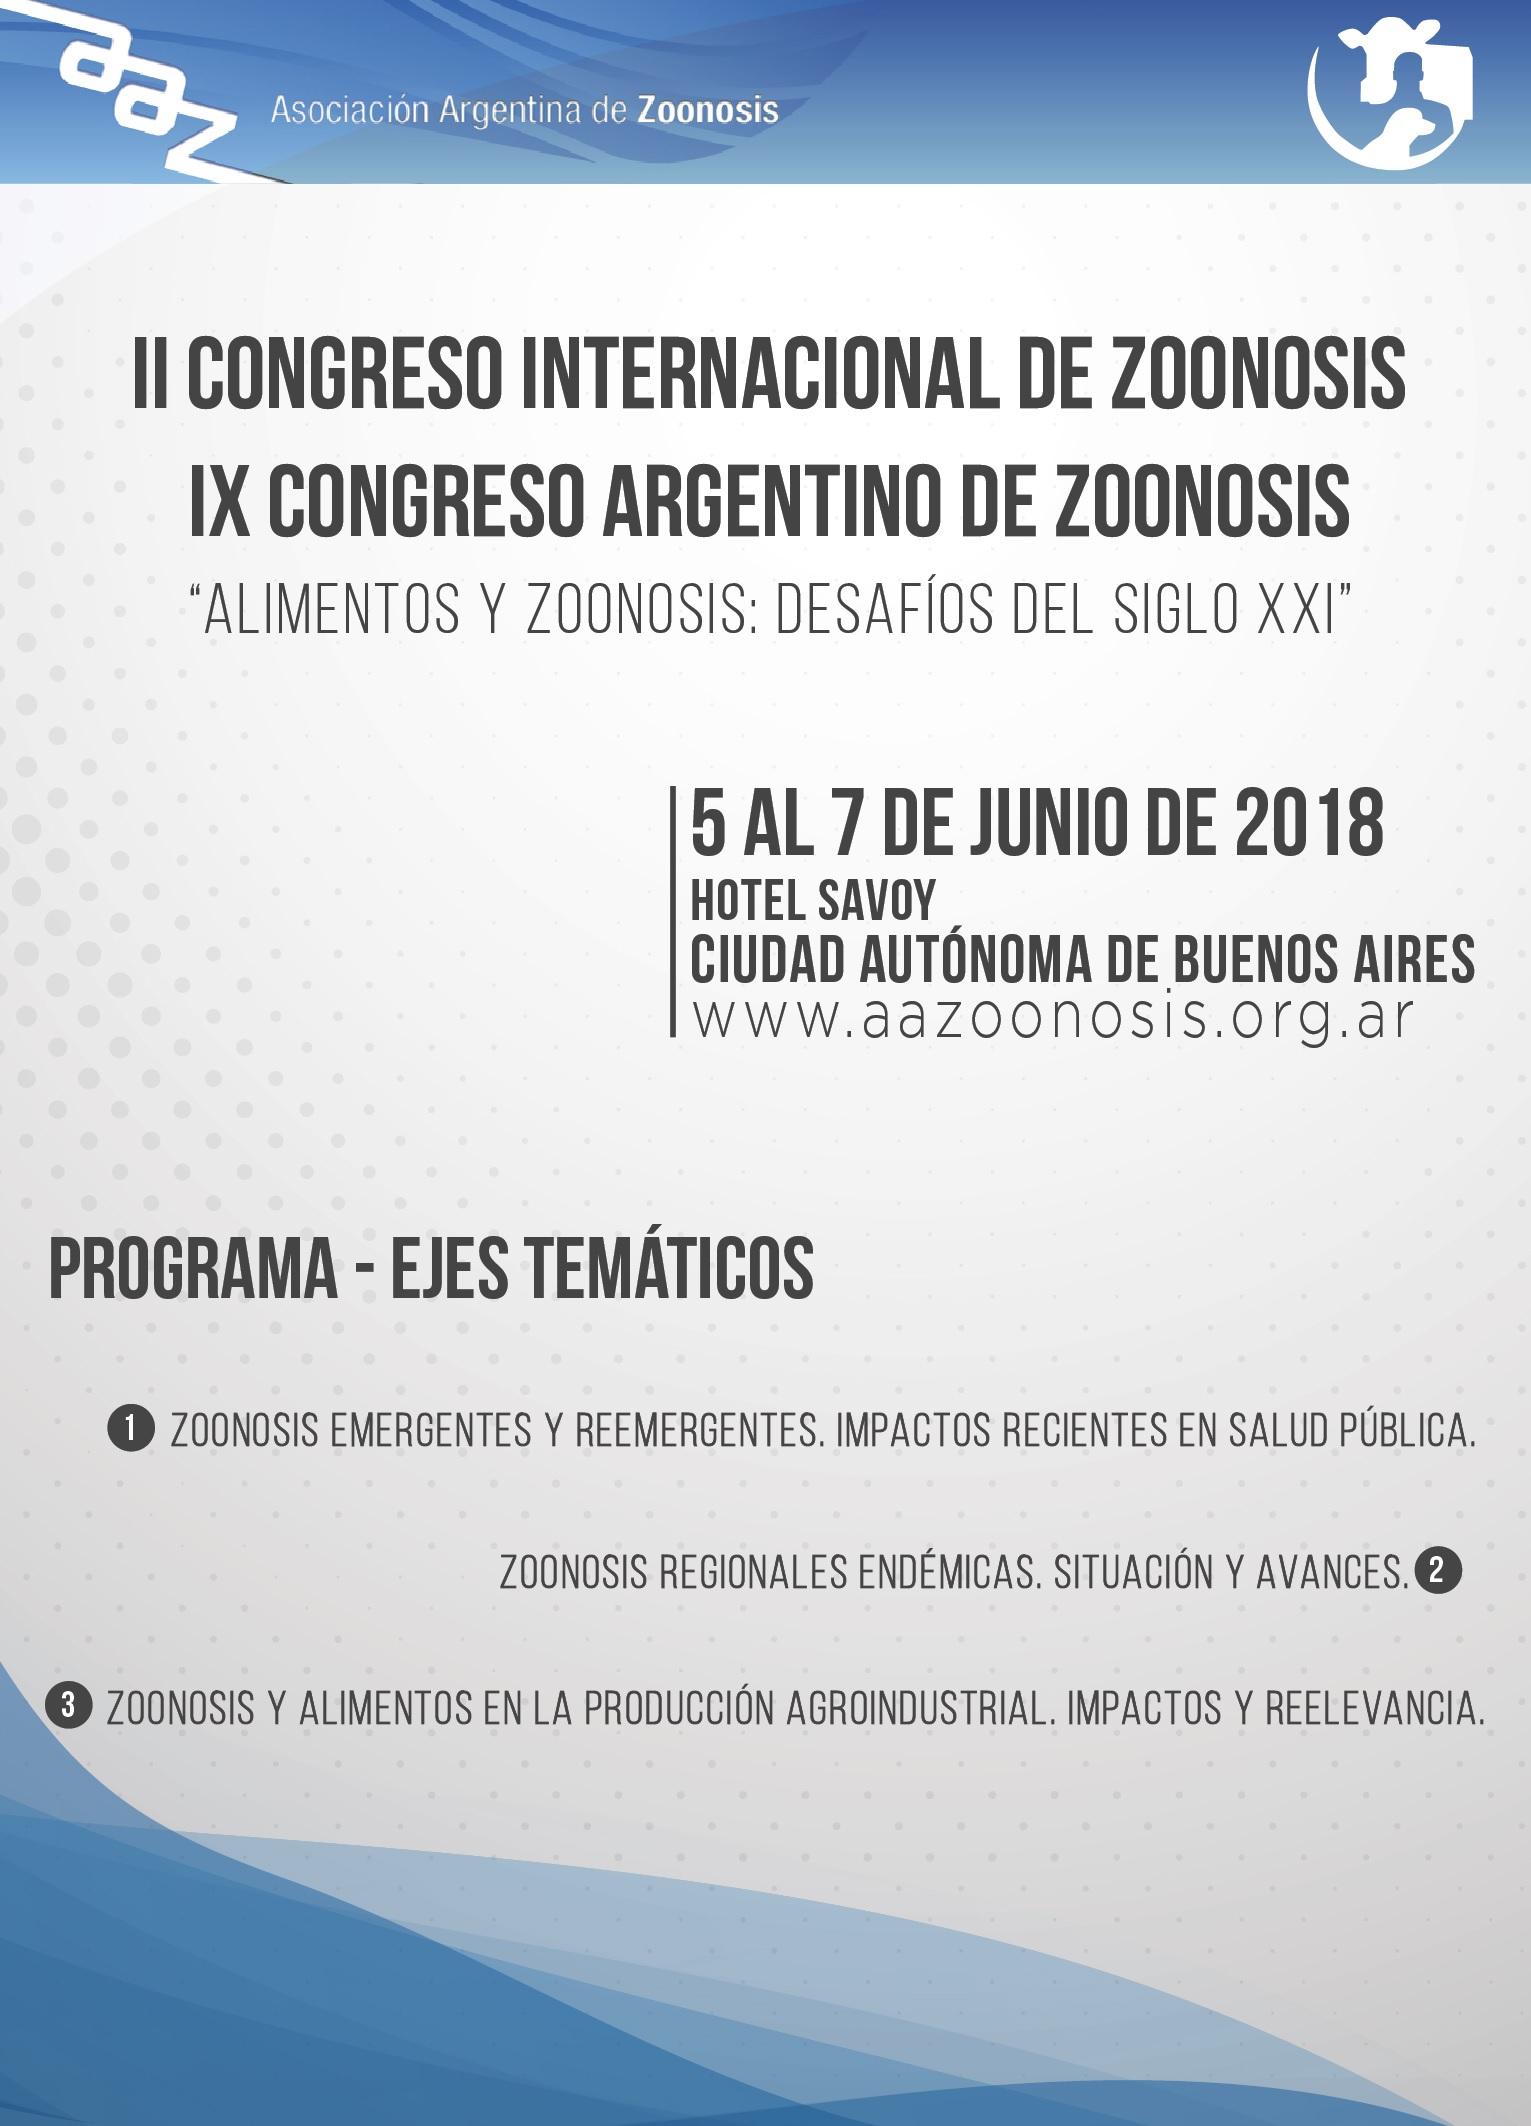 II Congreso Internacional de Zoonosis – IX Congreso Argentino de Zoonosis